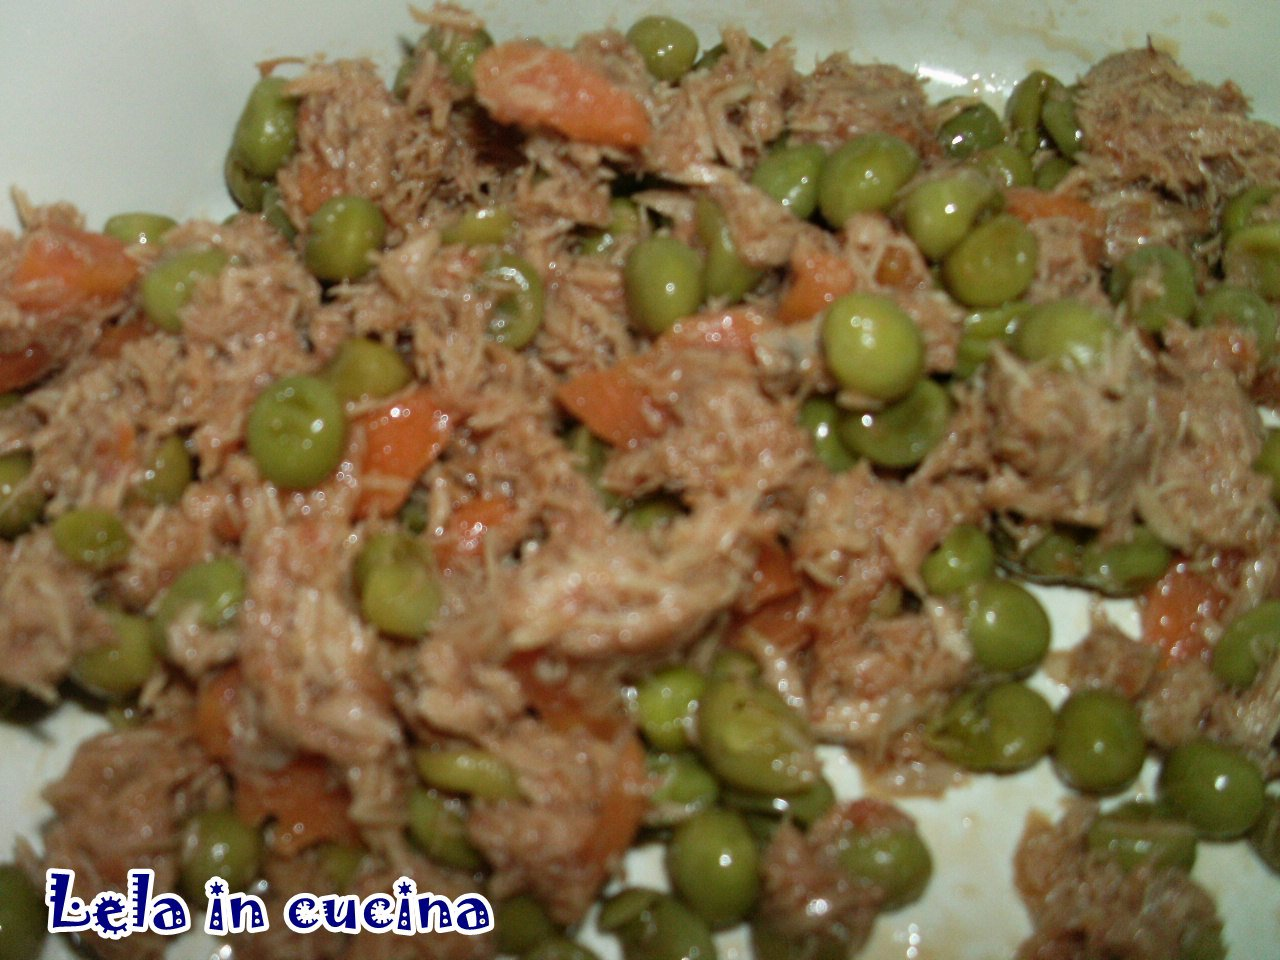 Lela in cucina tutti possono cucinare frittata al tonno e - Cucinare lenticchie in scatola ...